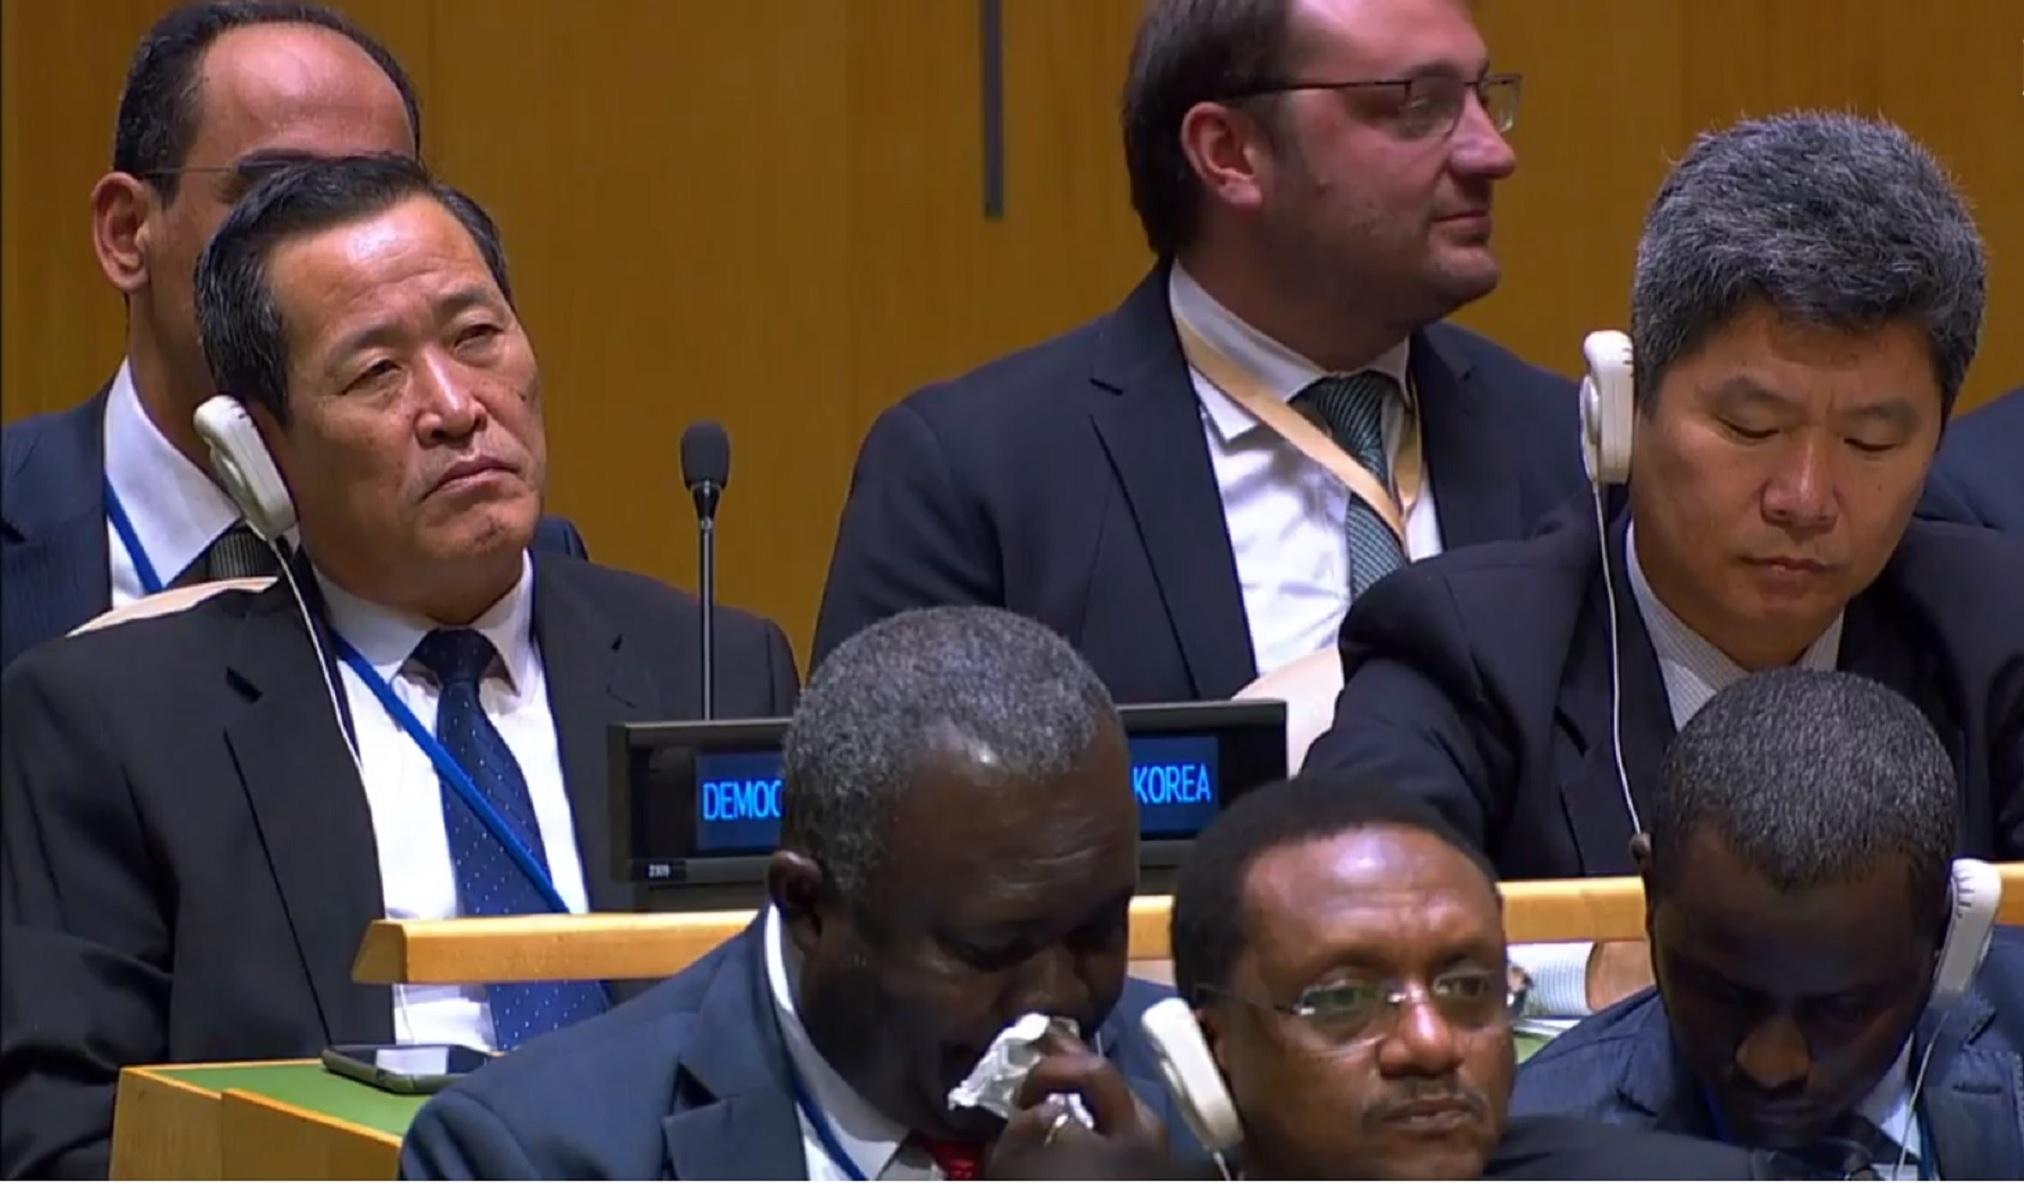 김성 신임 북한 유엔주재 대사가 지난 9월 25일 뉴욕 유엔총회에서 도널드 트럼프 대통령의 연설을 끝까지 경청하고 있다.[백악관 유튜브]